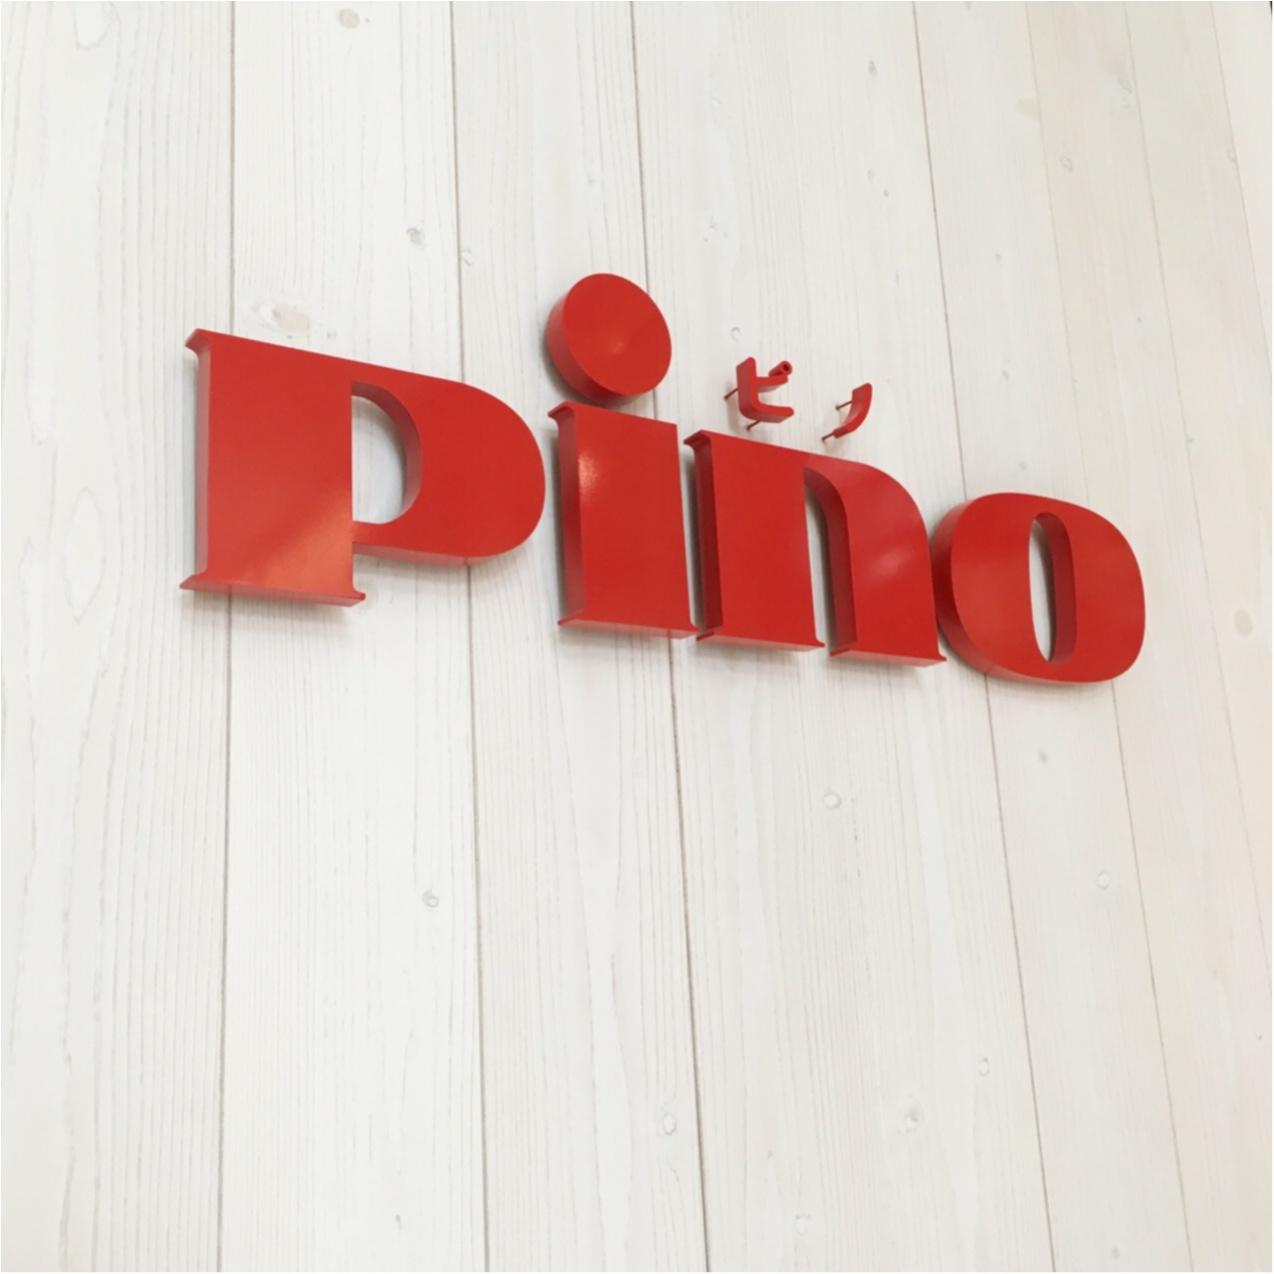 【期間限定】オリジナルの《 ピノ 》が作れちゃう♡ 《 ピノフォンデュカフェ 》が大人気♡_12